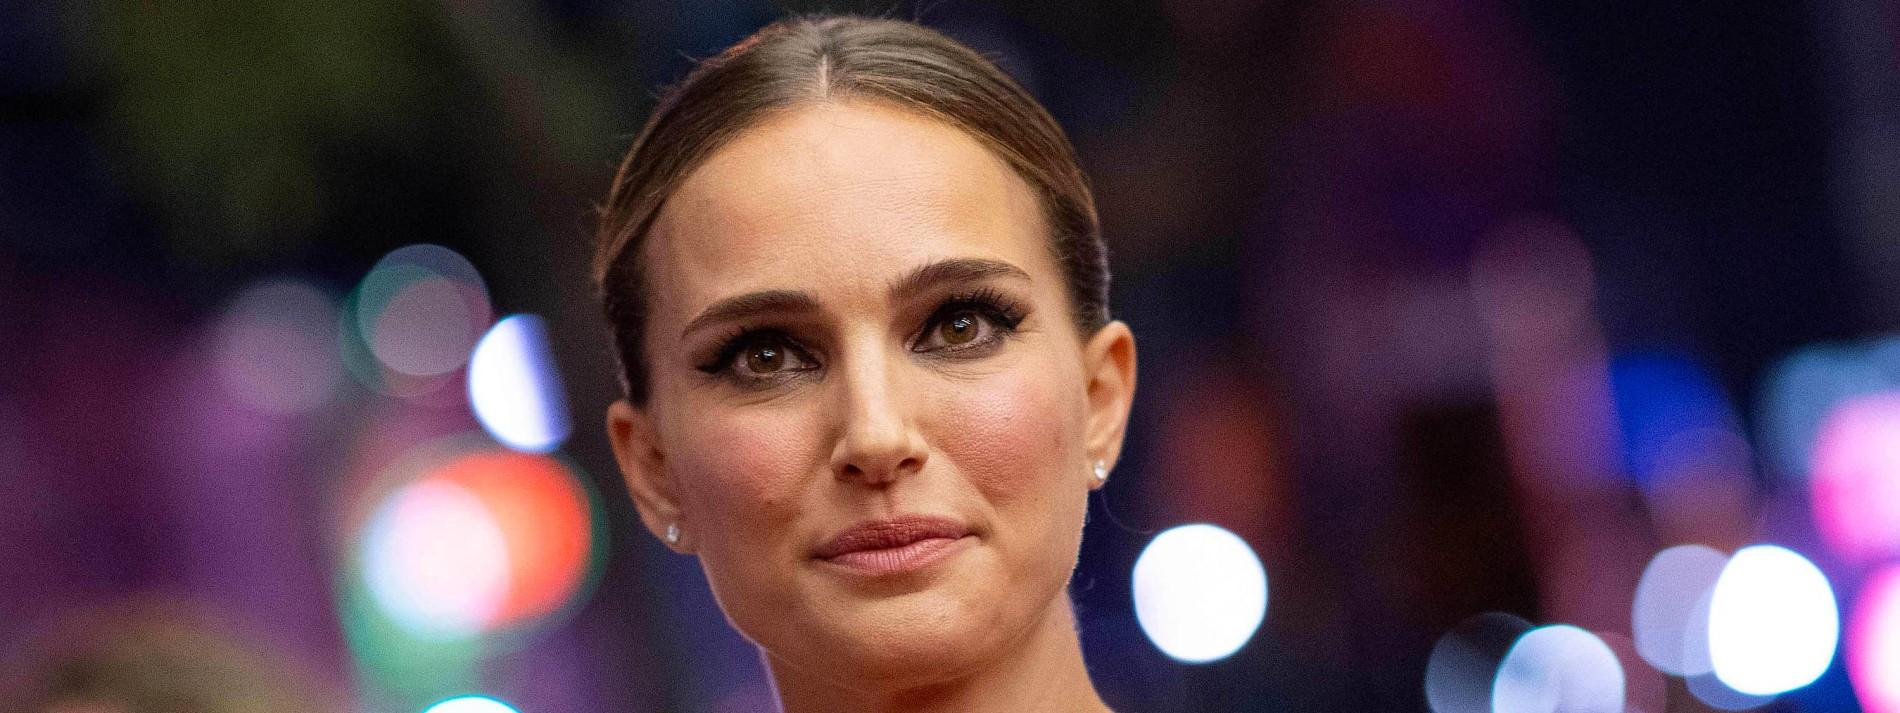 Natalie Portman fühlte sich sexuell ausgebeutet